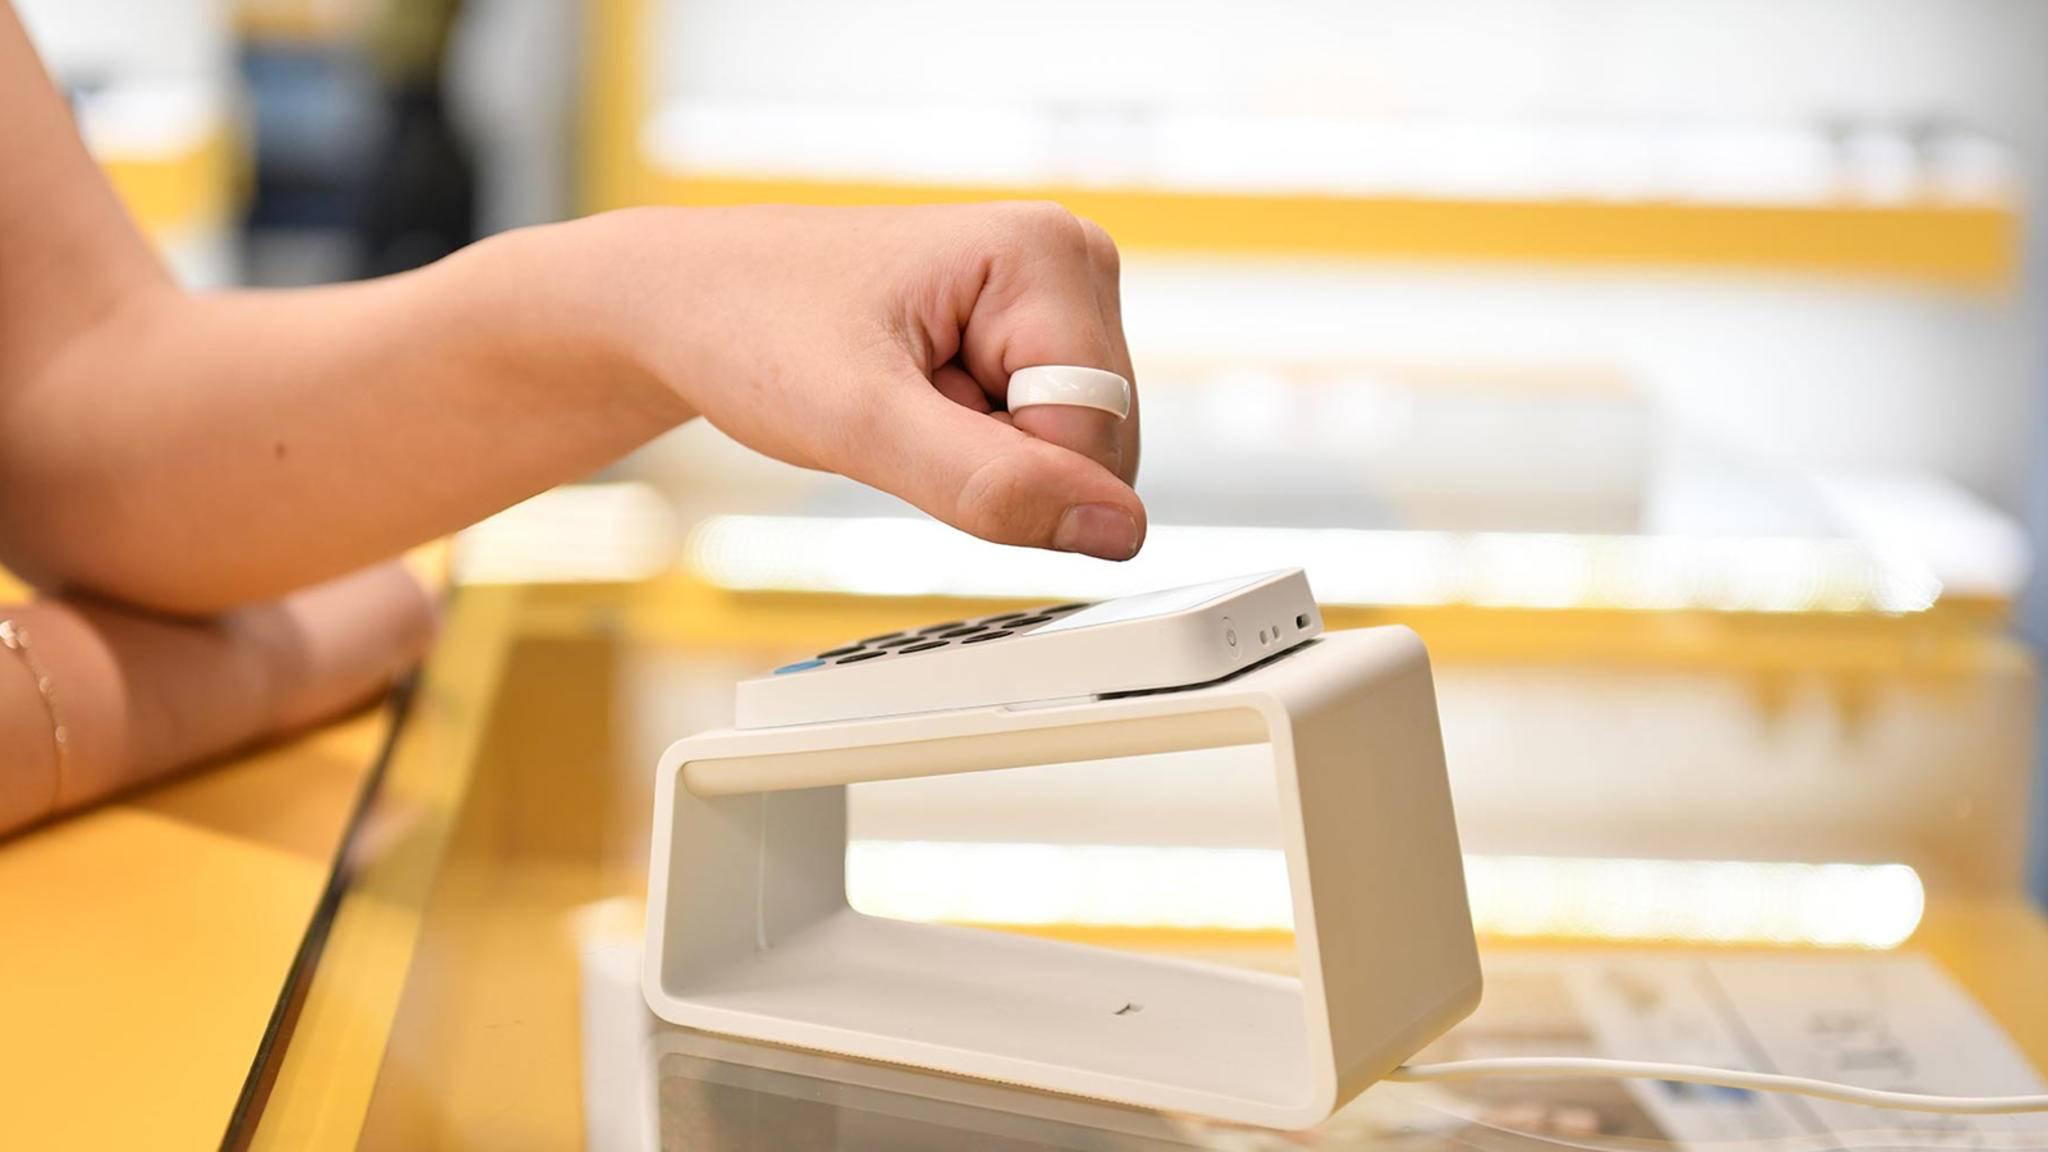 Mit dem McLear Ring kannst Du per Handgeste bezahlen.